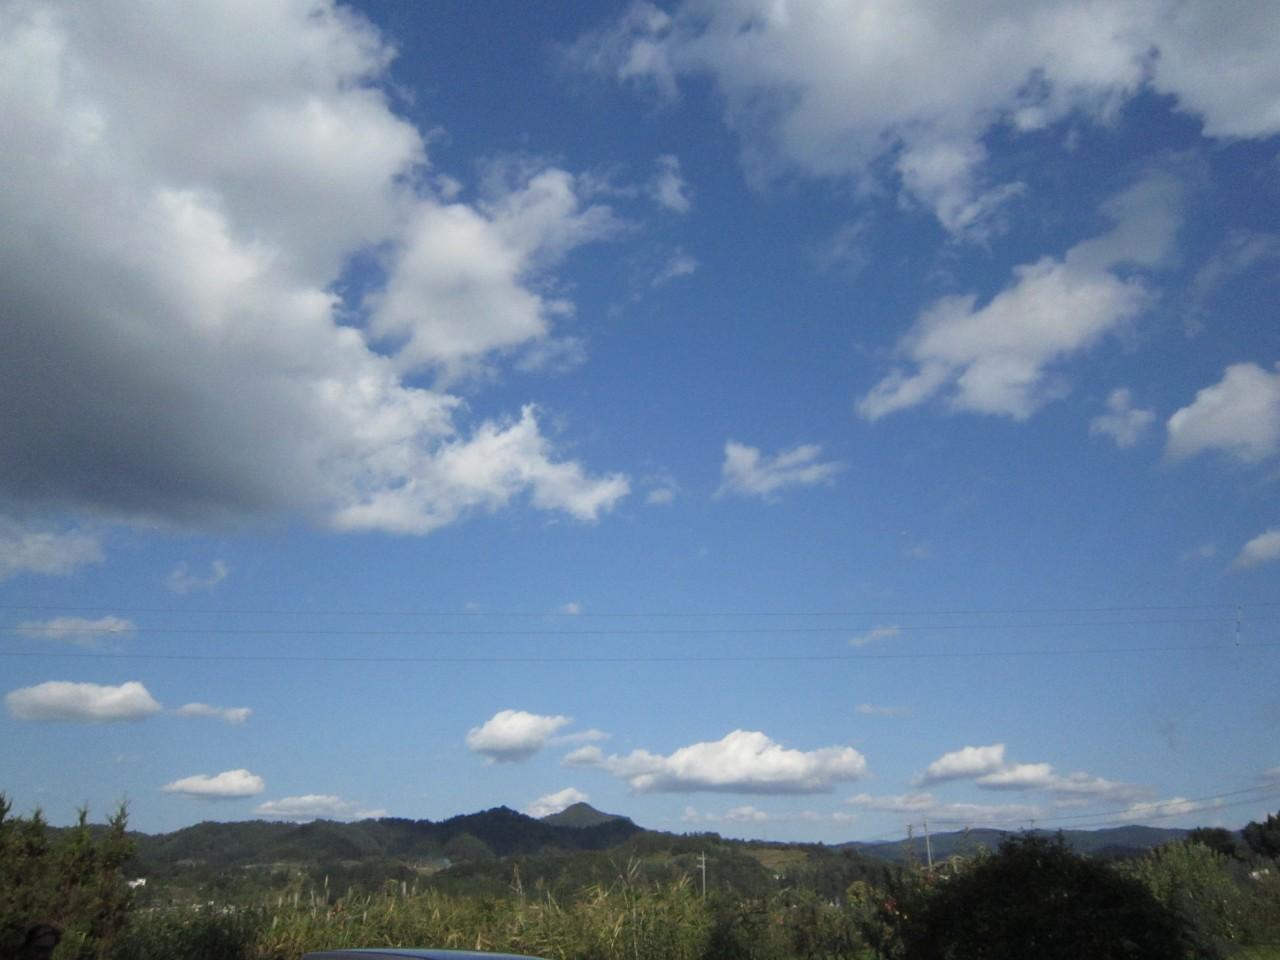 青森 津軽 大鰐町 春 朝 晴天 山 自然 風景